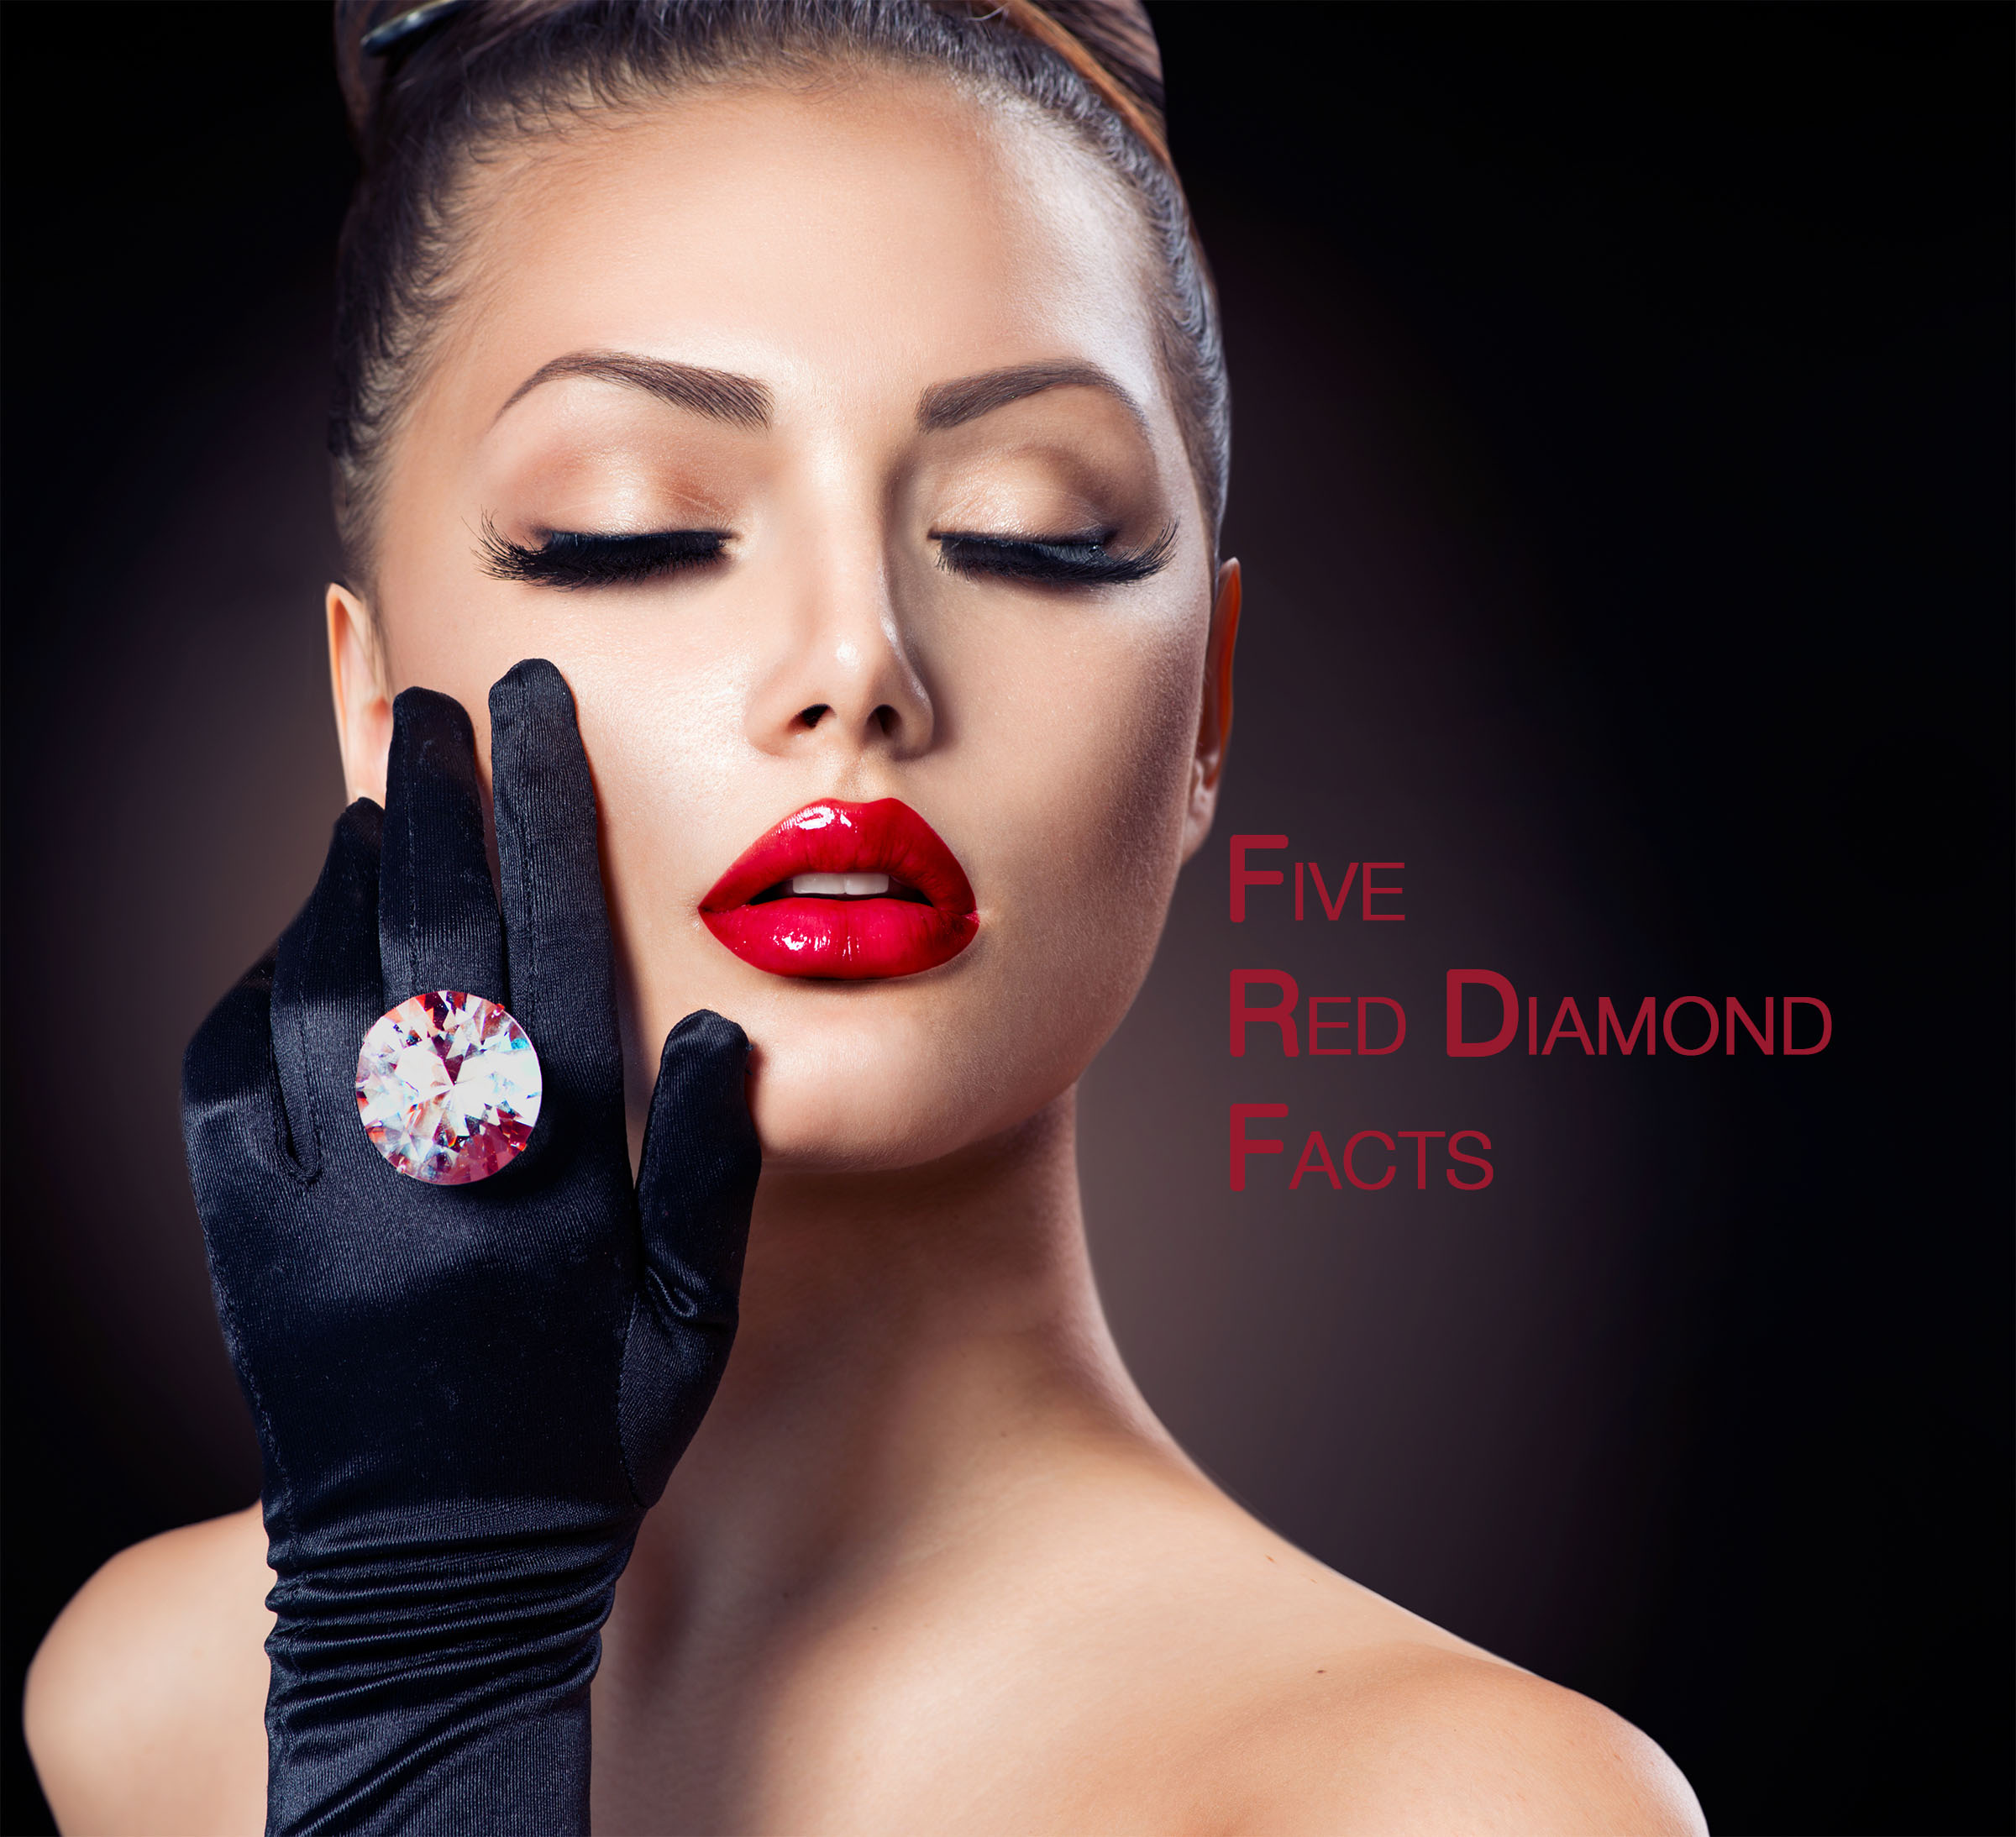 red-diamond-facts.jpg